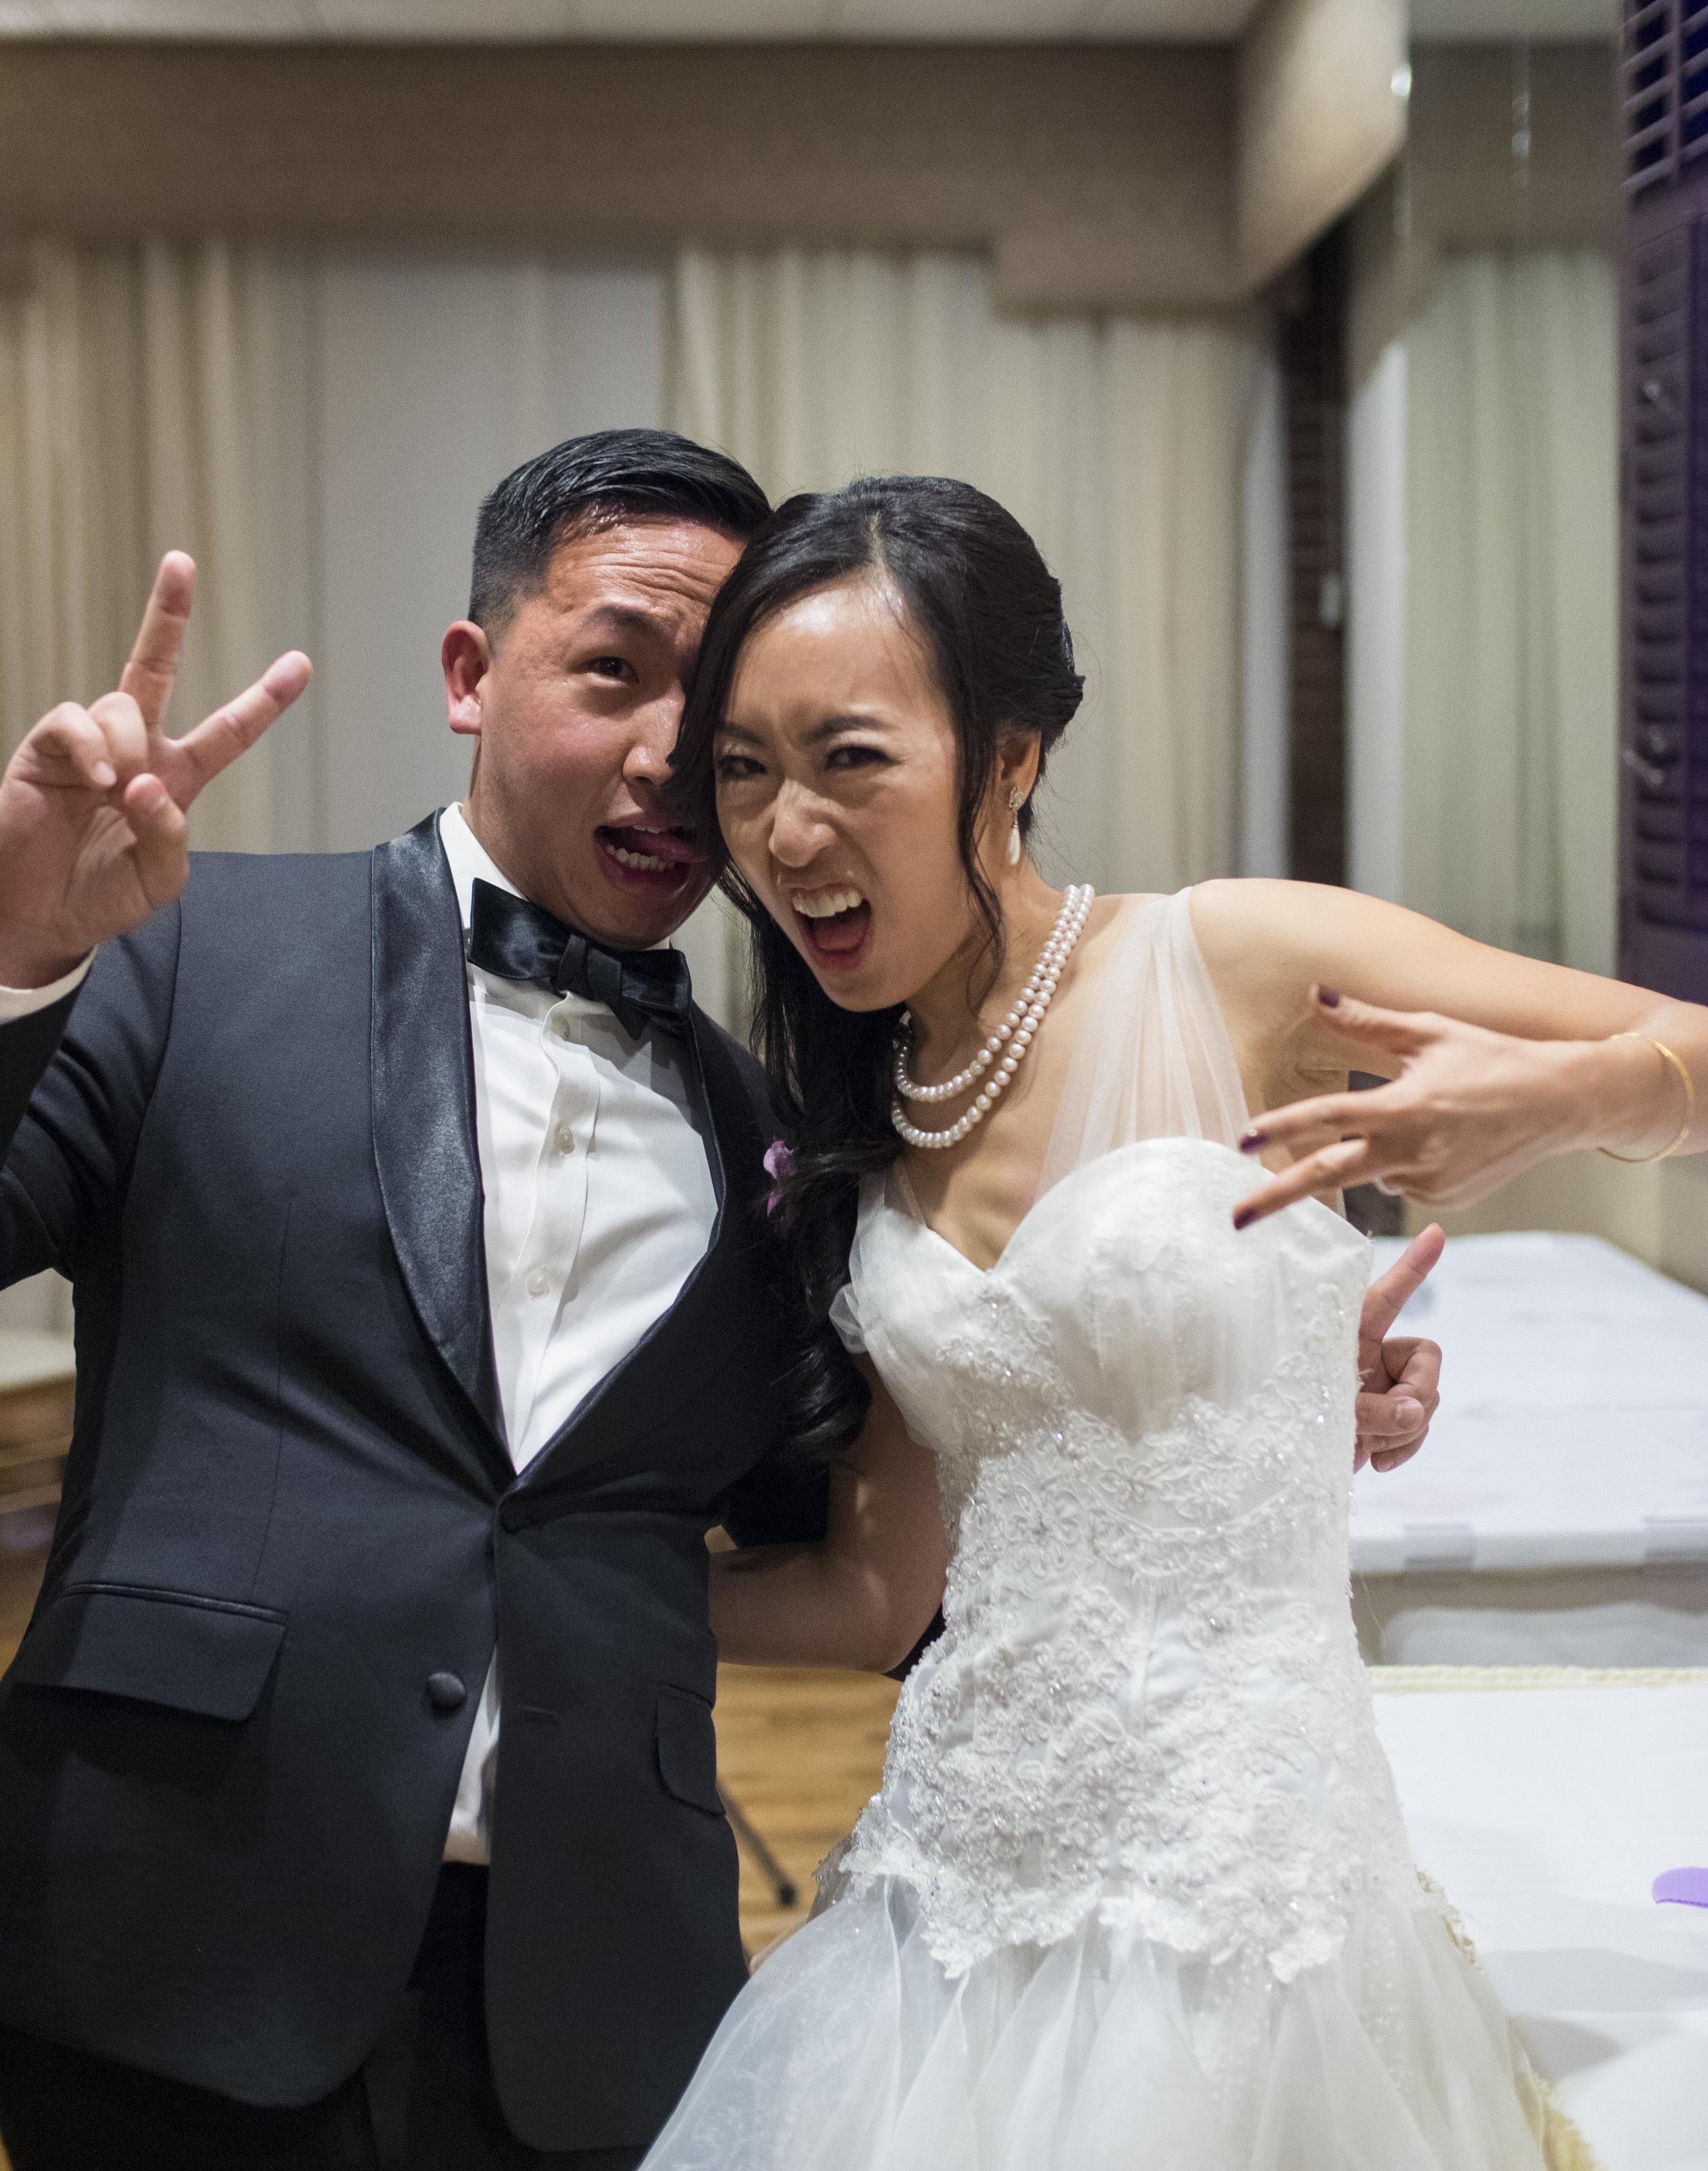 K_S bride and bro.jpg